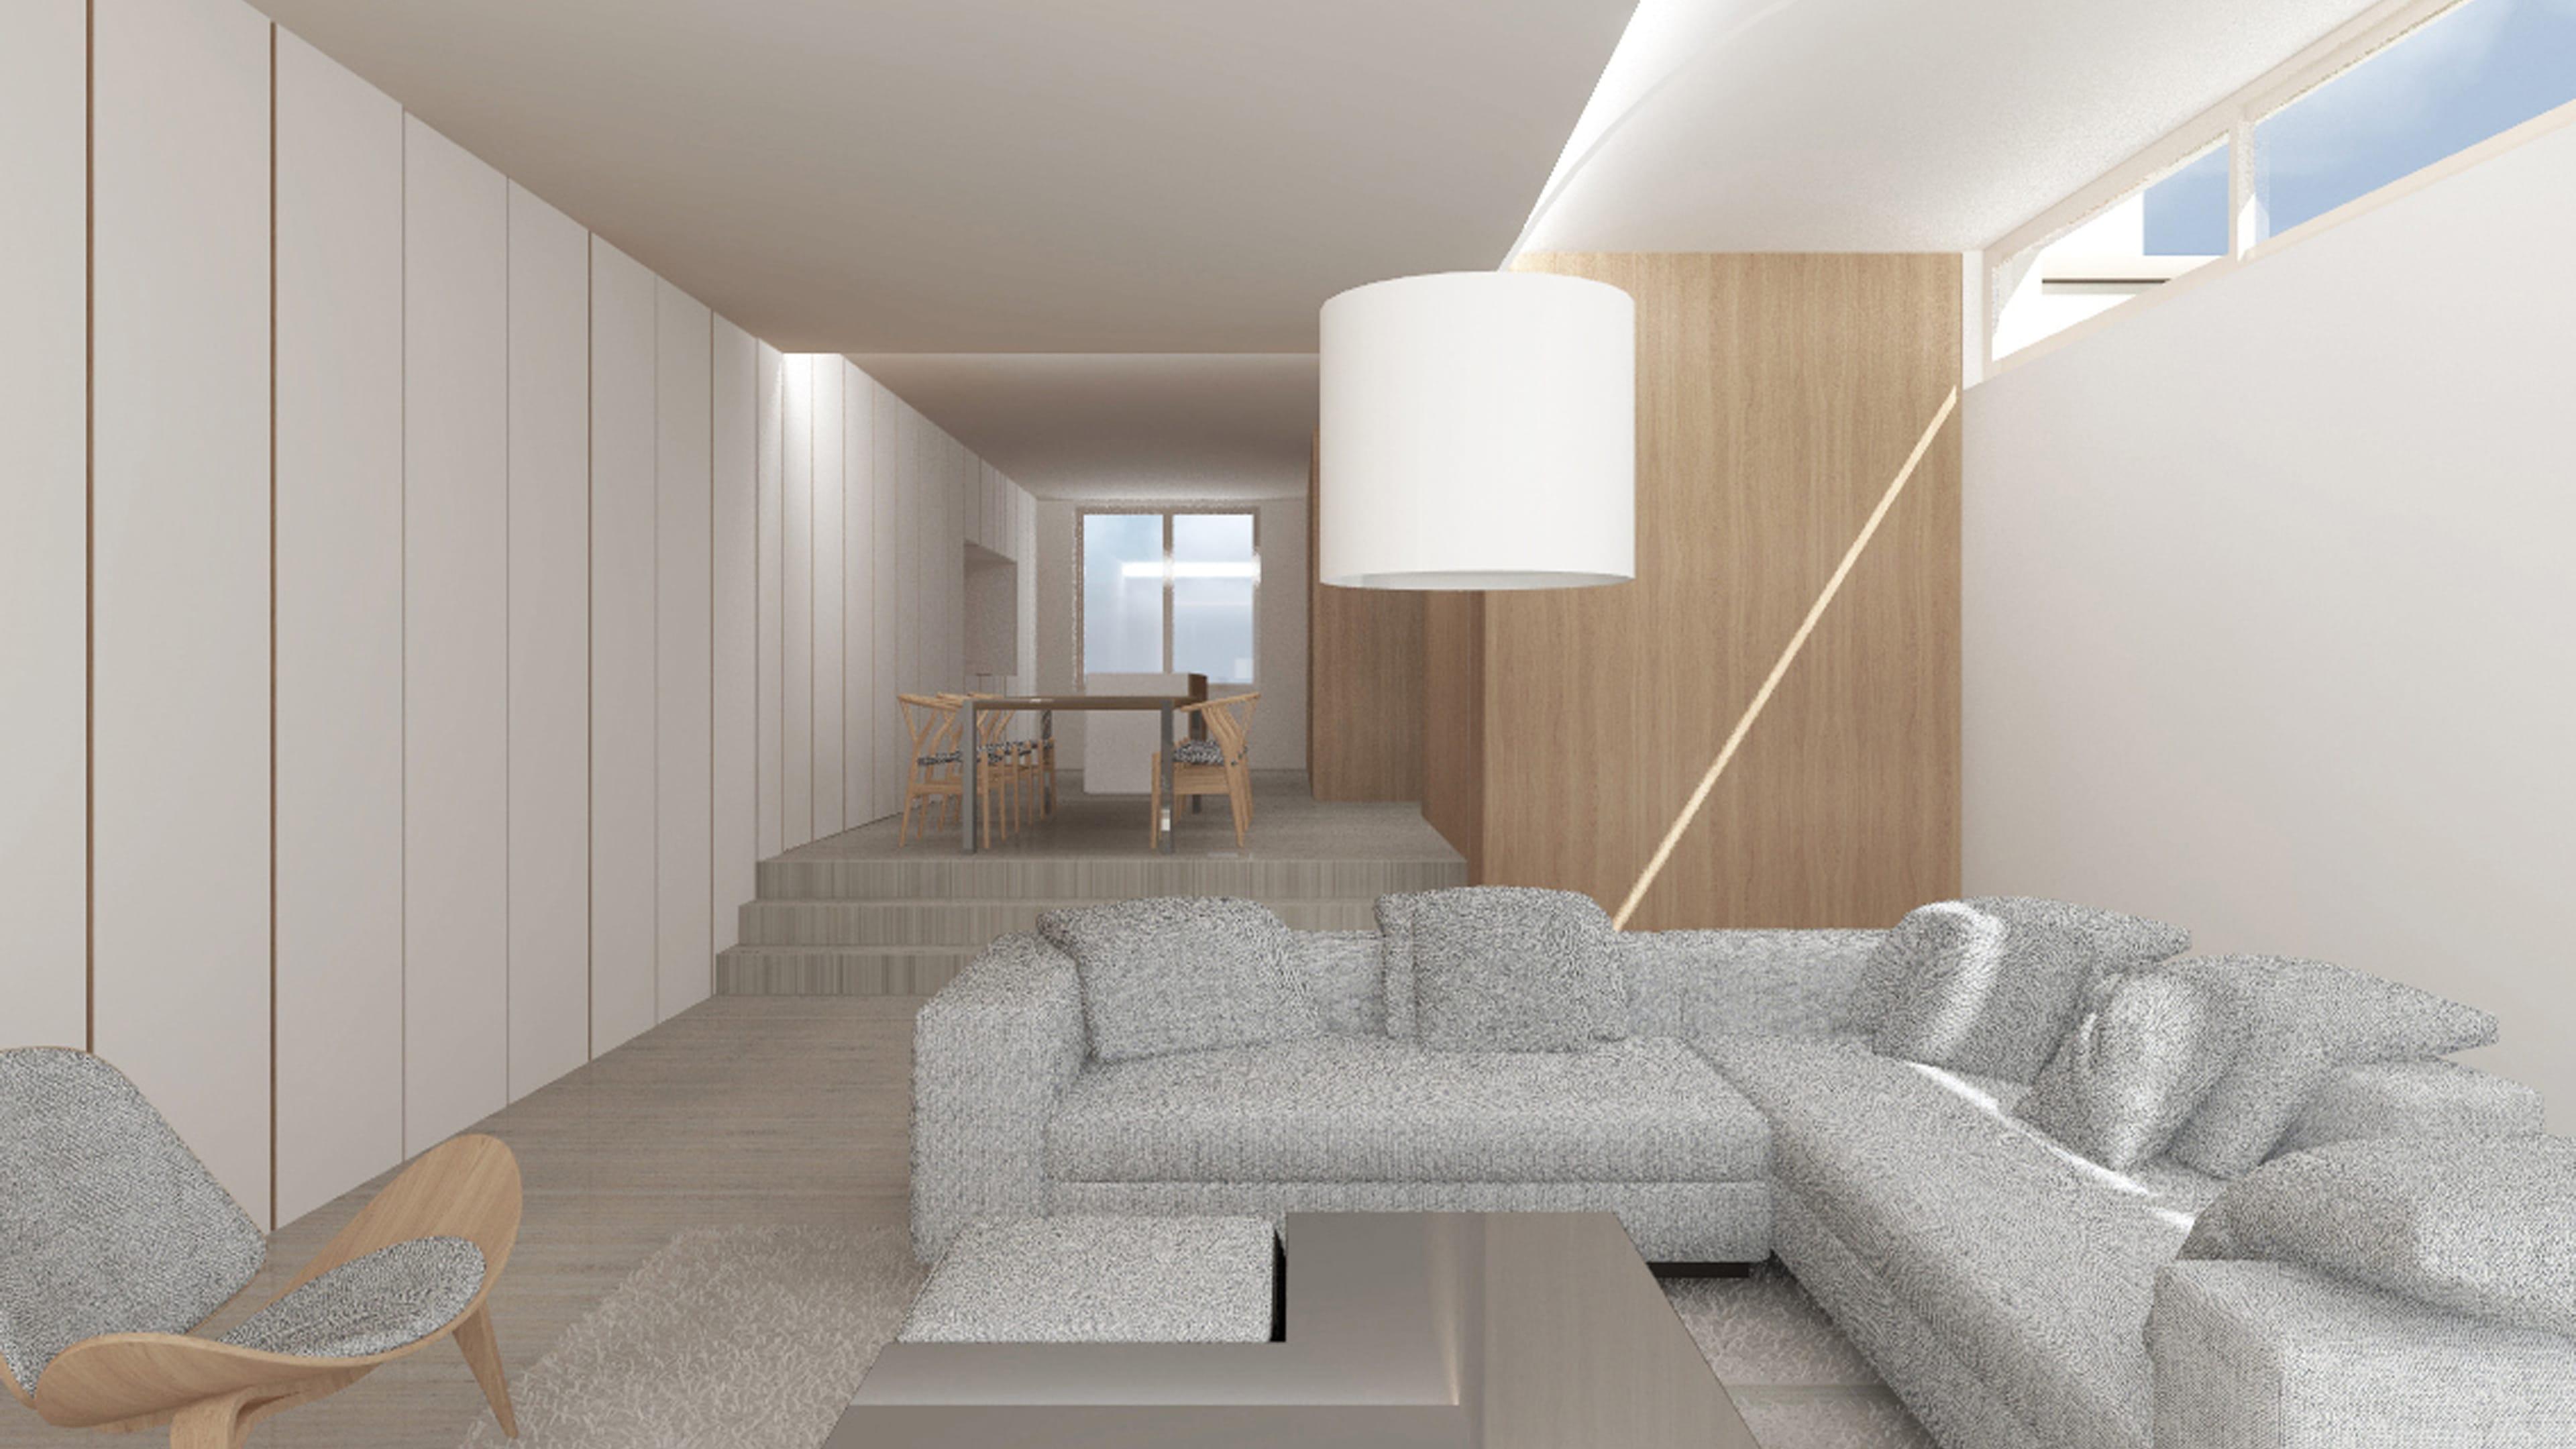 Maison, Extension, Intérieur, CFArchitectes, Luxembourg, Christophe Felten Architecte